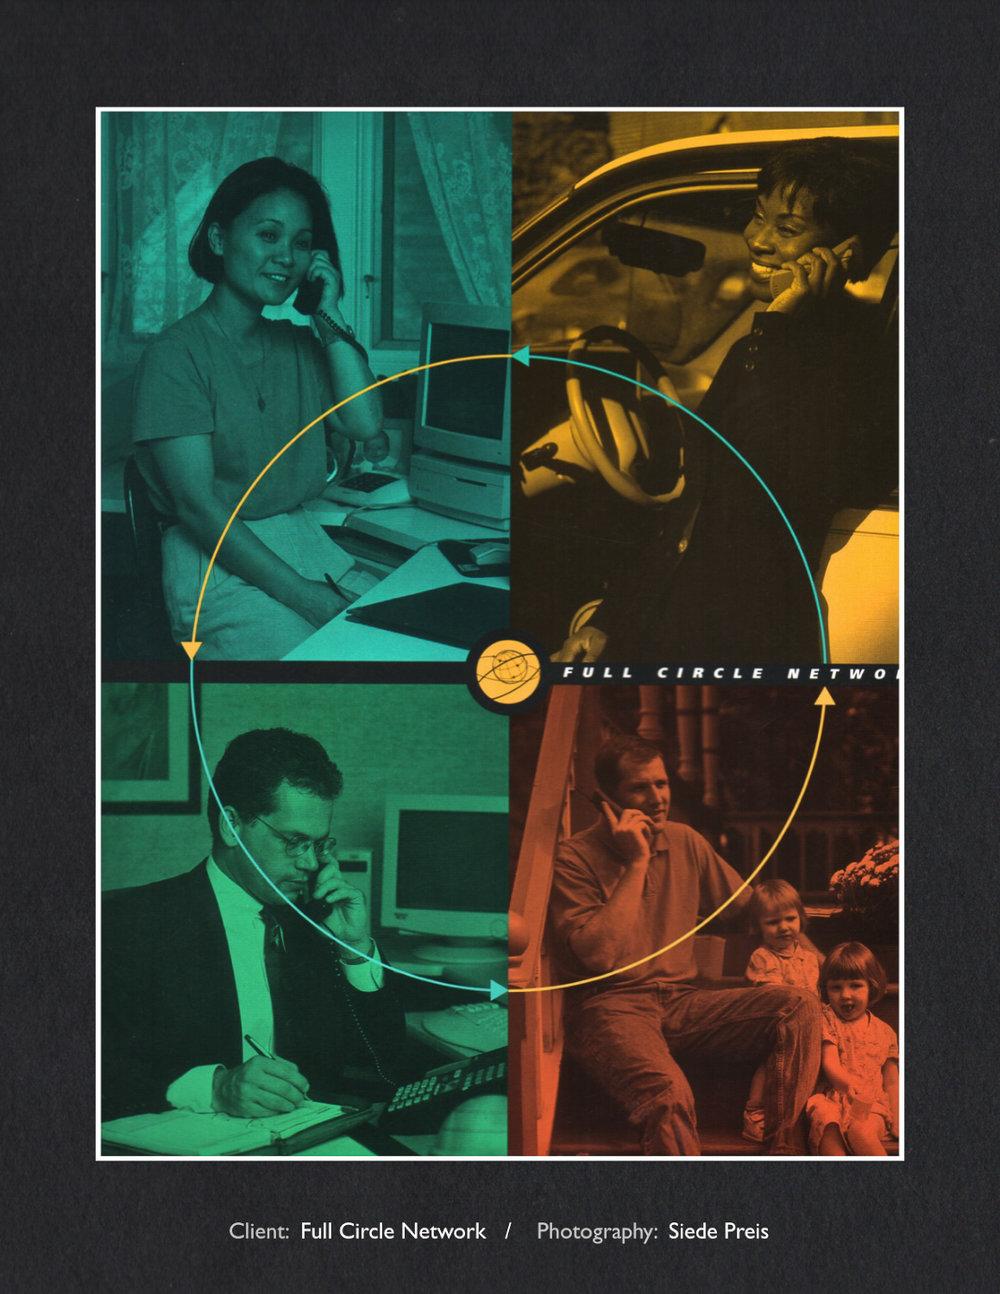 Siede-Preis-PhotographyFull Circle Network.jpg